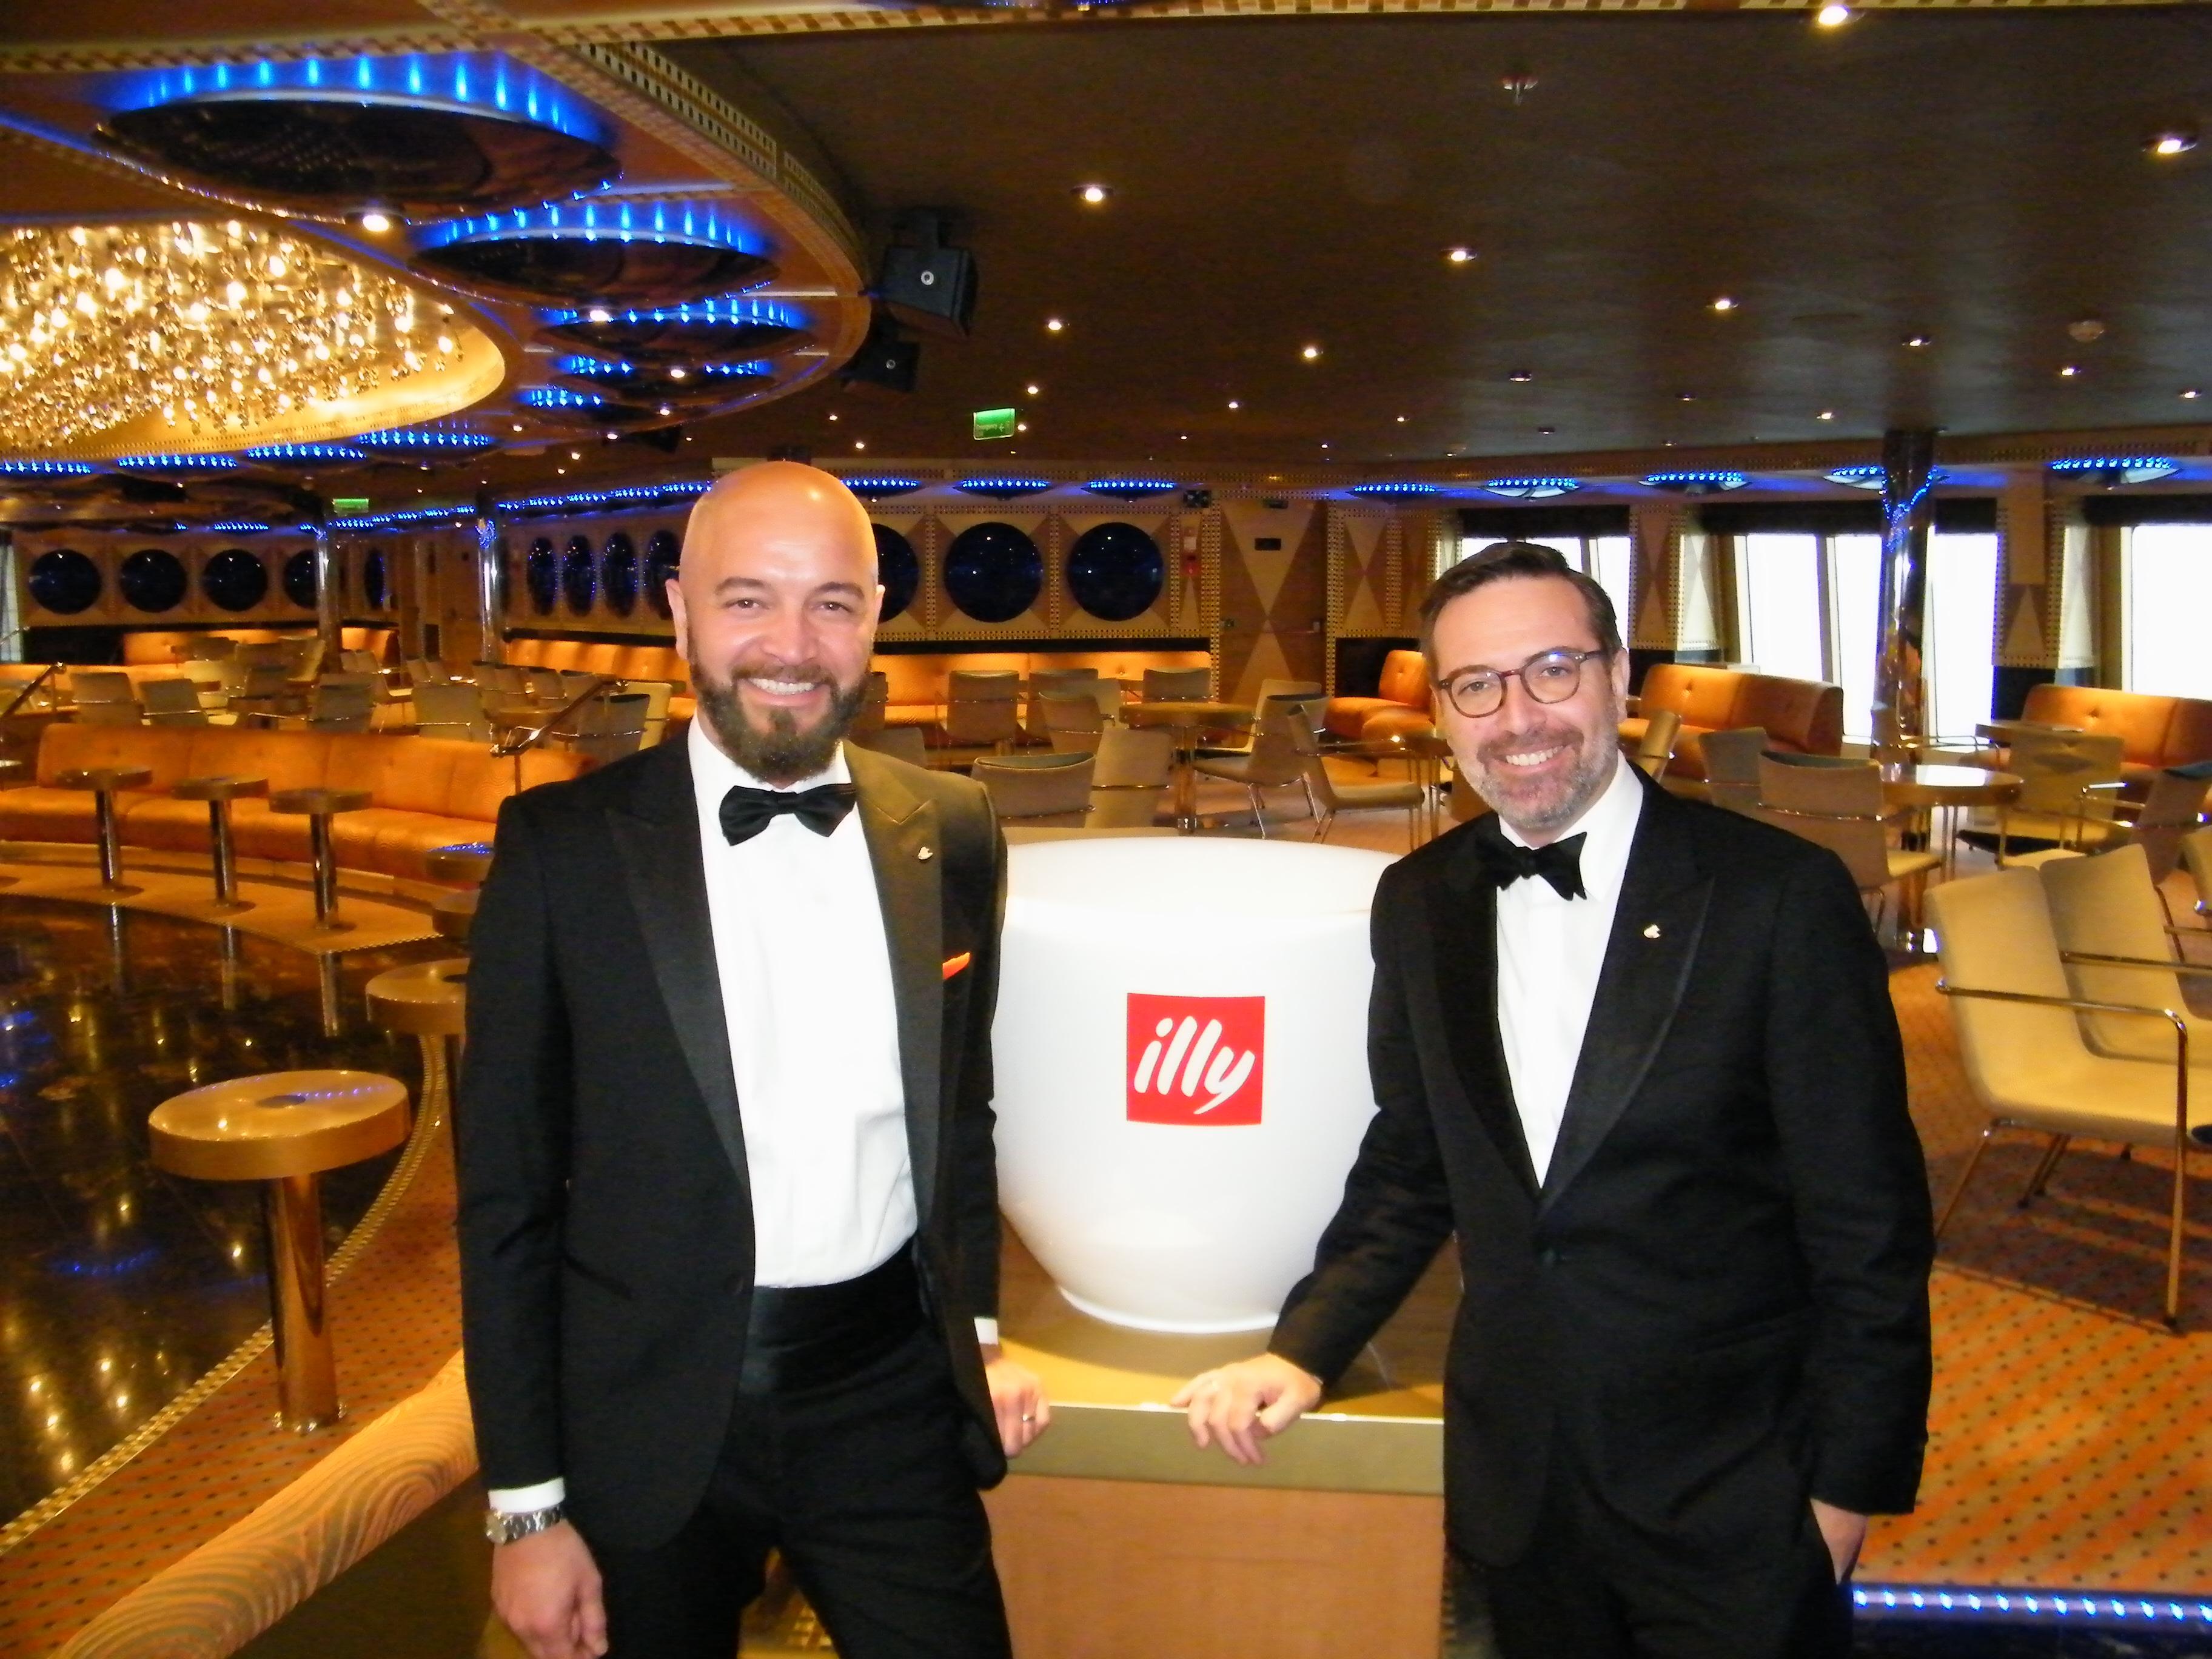 Costa Cruises' skandinaviske salgschef, Giancarlo Tedesco, til venstre, og Ralph Remkes, krydstogtrederiets general manager for Skandinavien og Holland. Foto: Henrik Baumgarten.